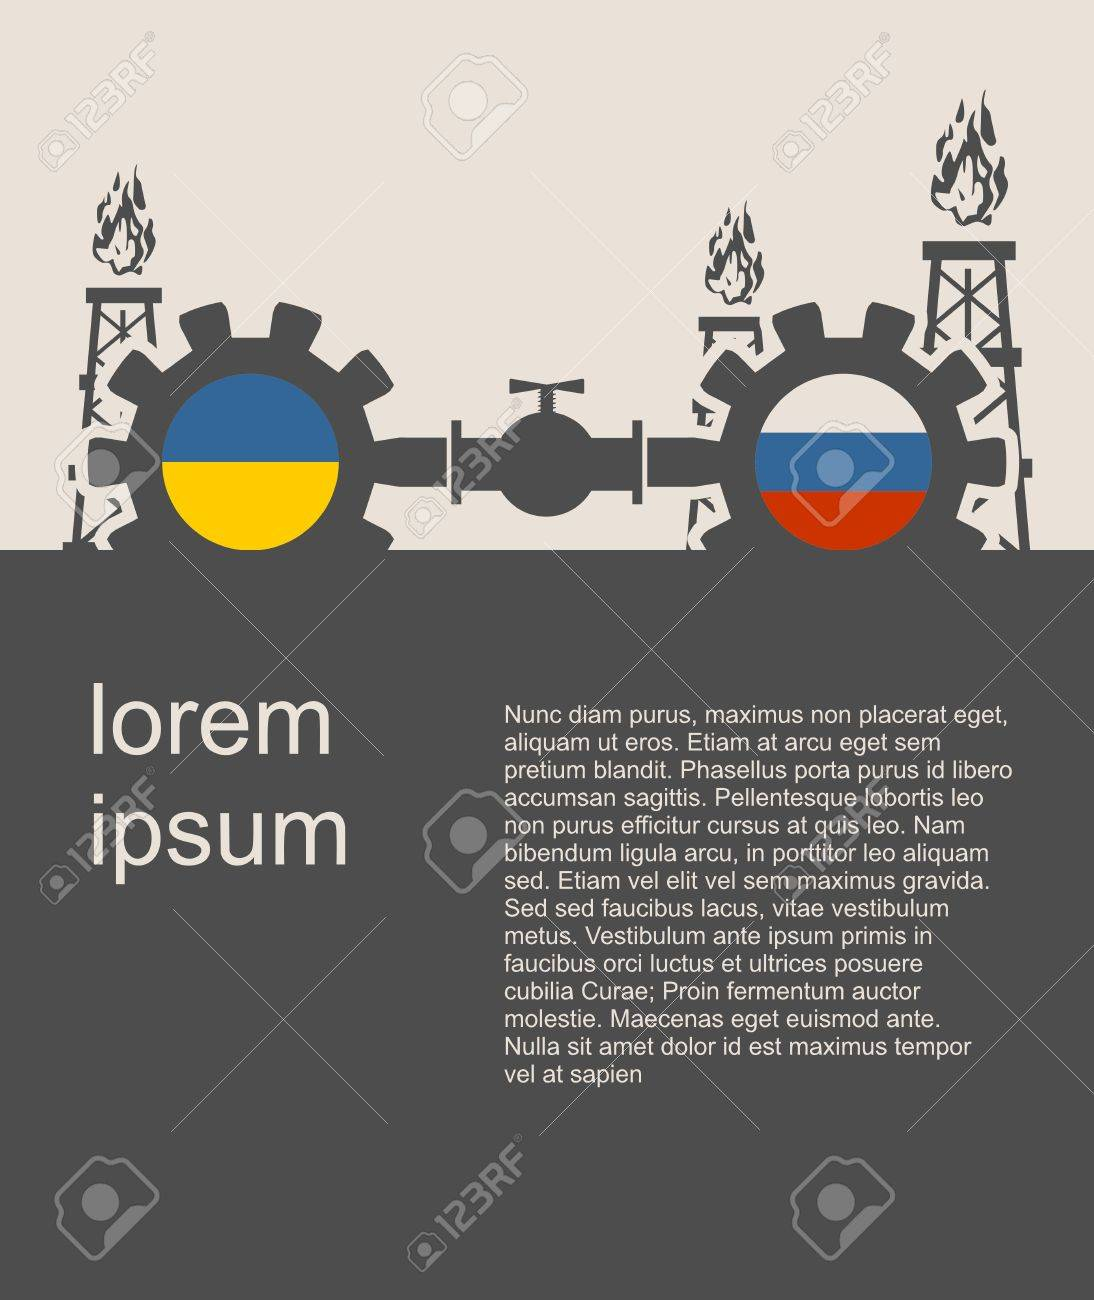 Imagen Relativa Al Tránsito De Gas De Rusia A Ucrania. Engranajes ...